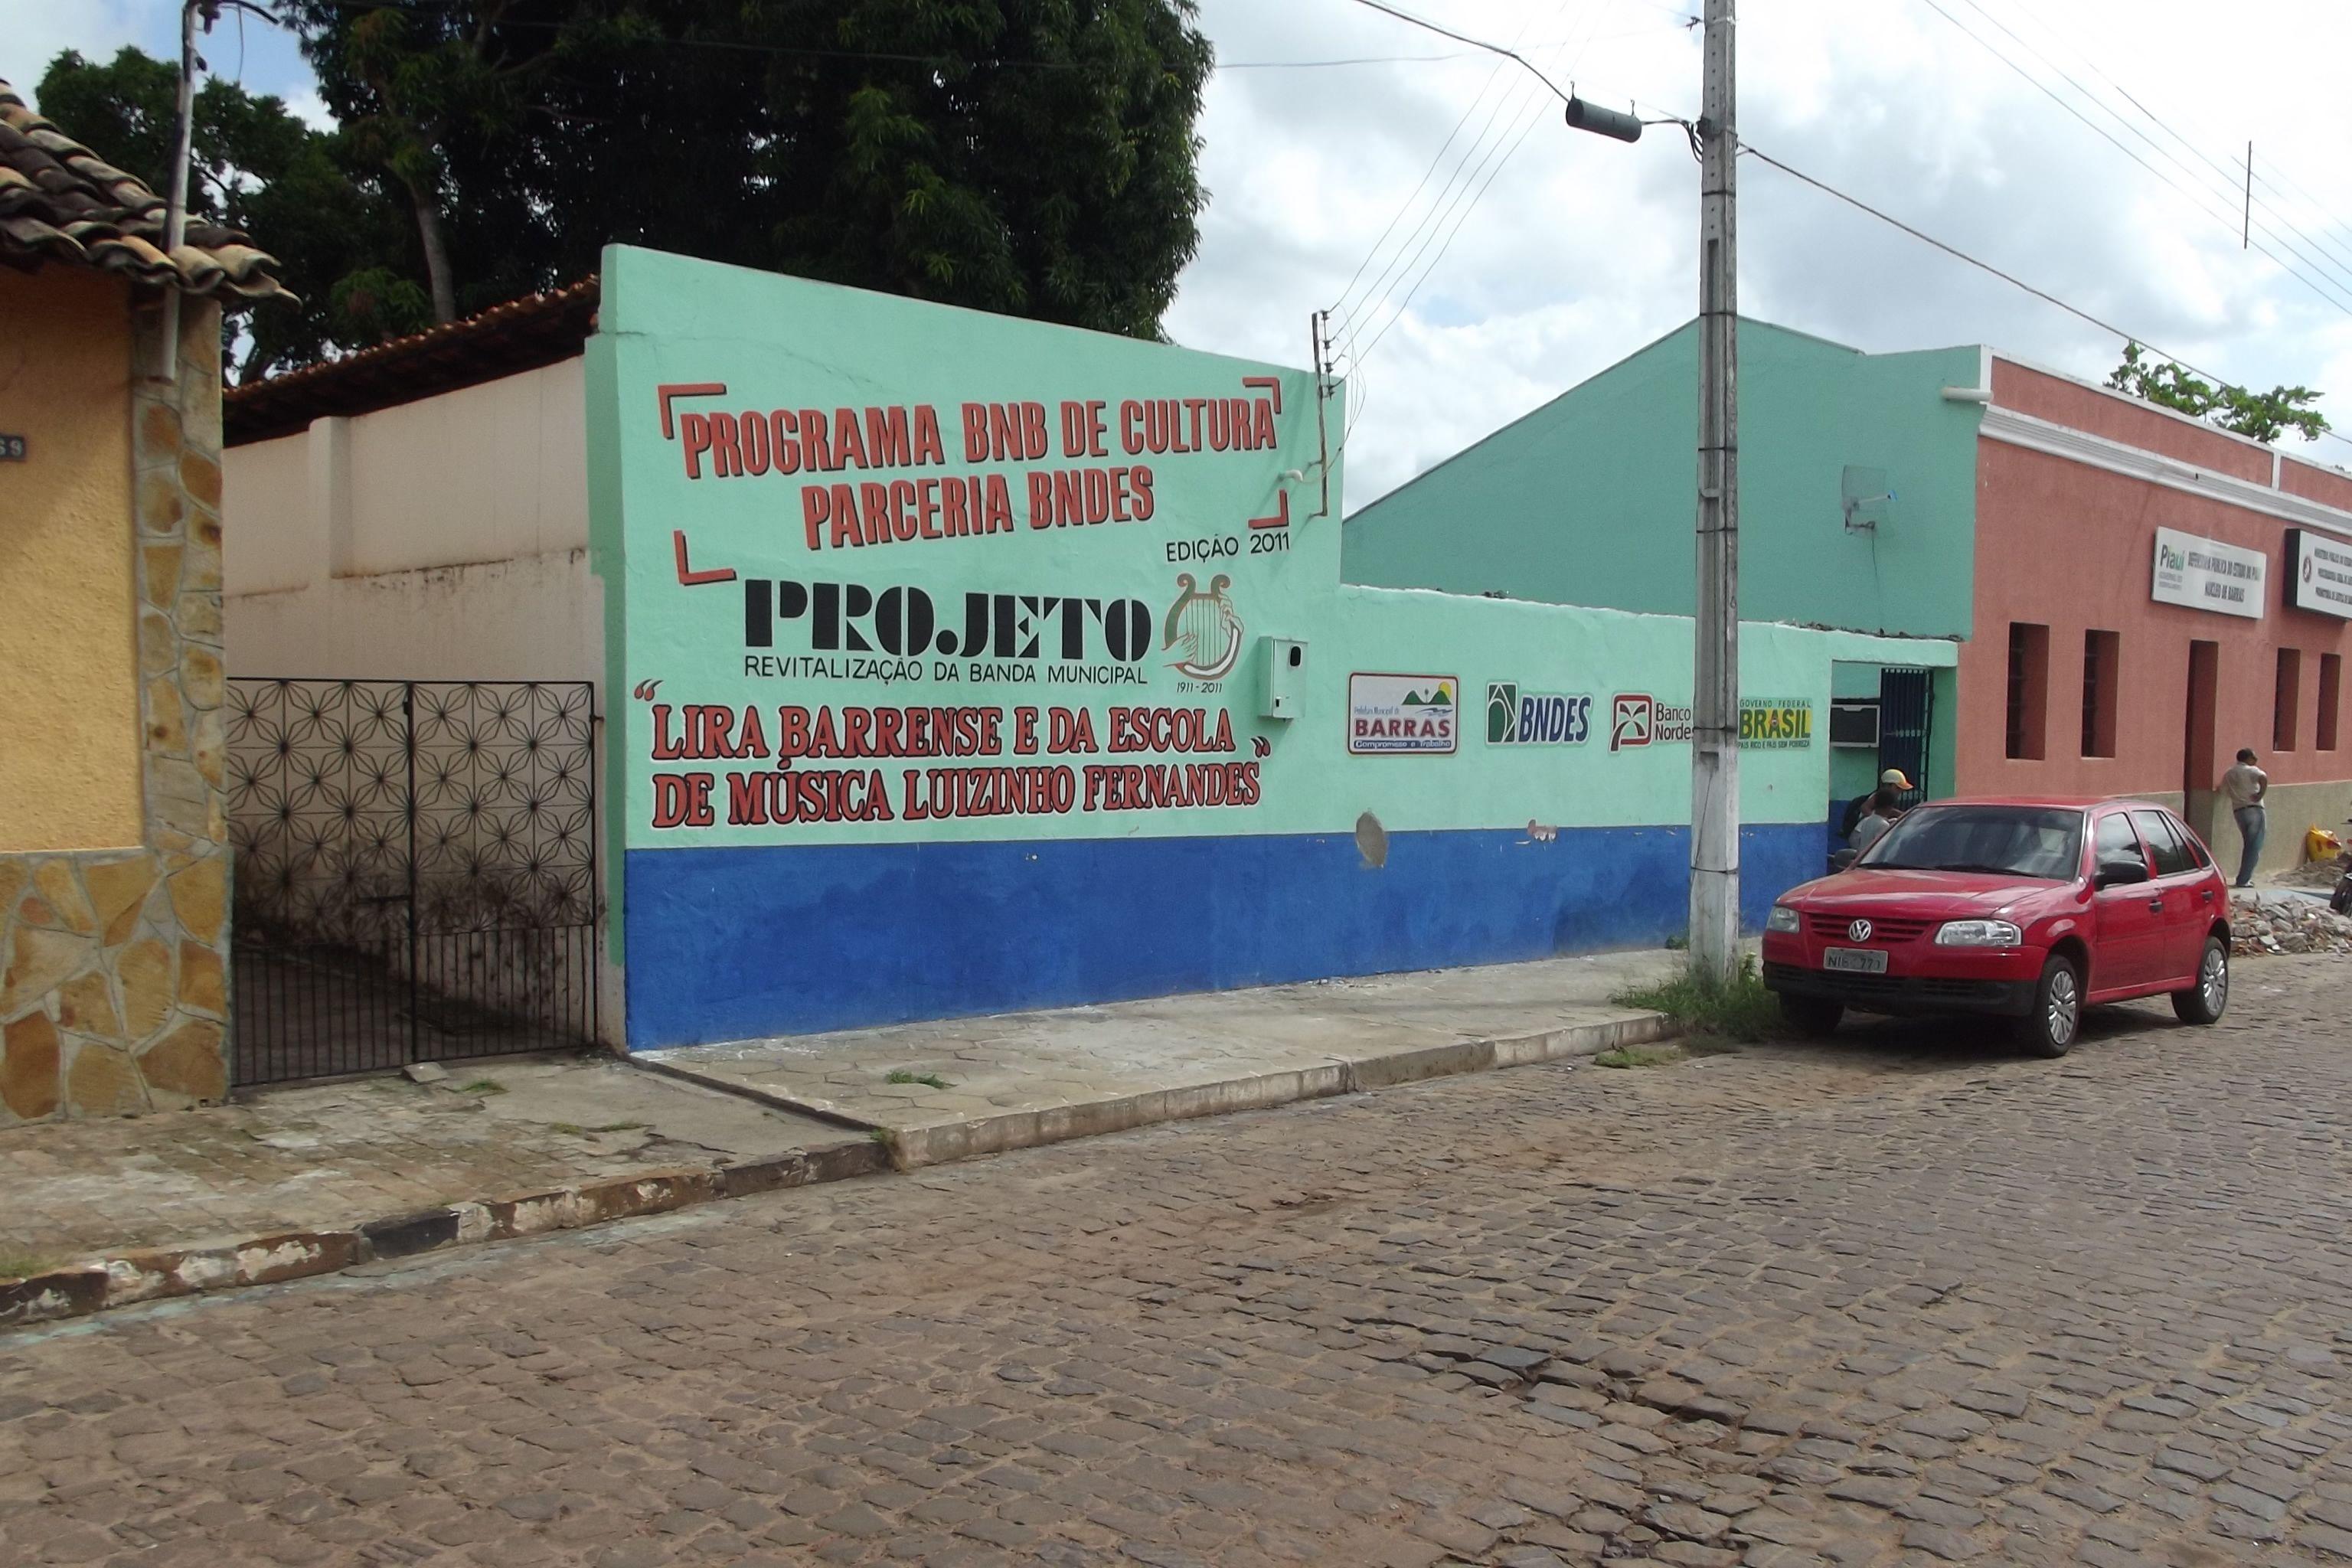 Banda Lira Barrense e da Escola de Música Luizinho Fernandes - Barras - Piauí